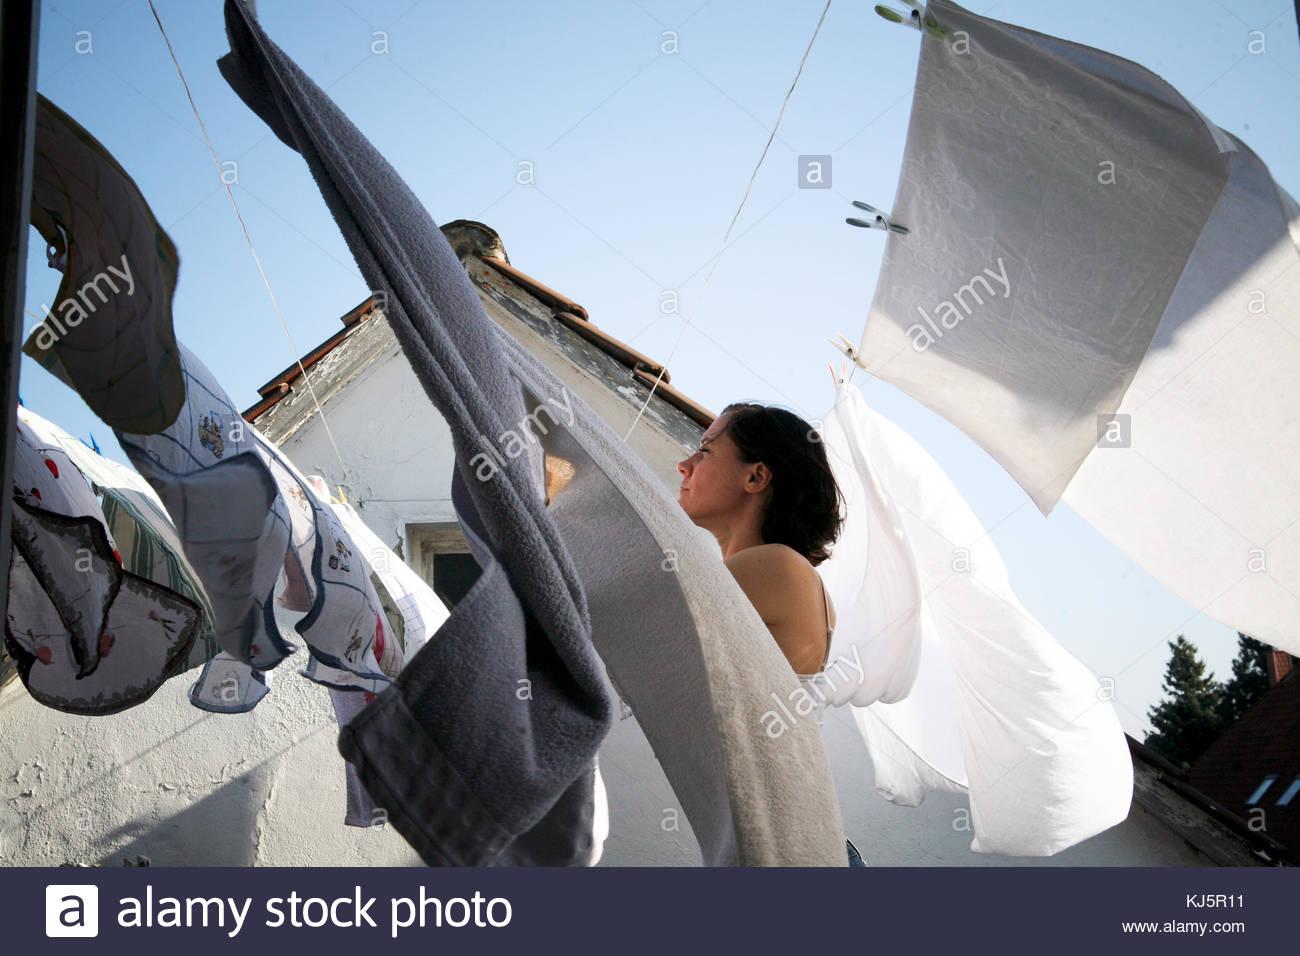 Hanging laundry - Stock Image